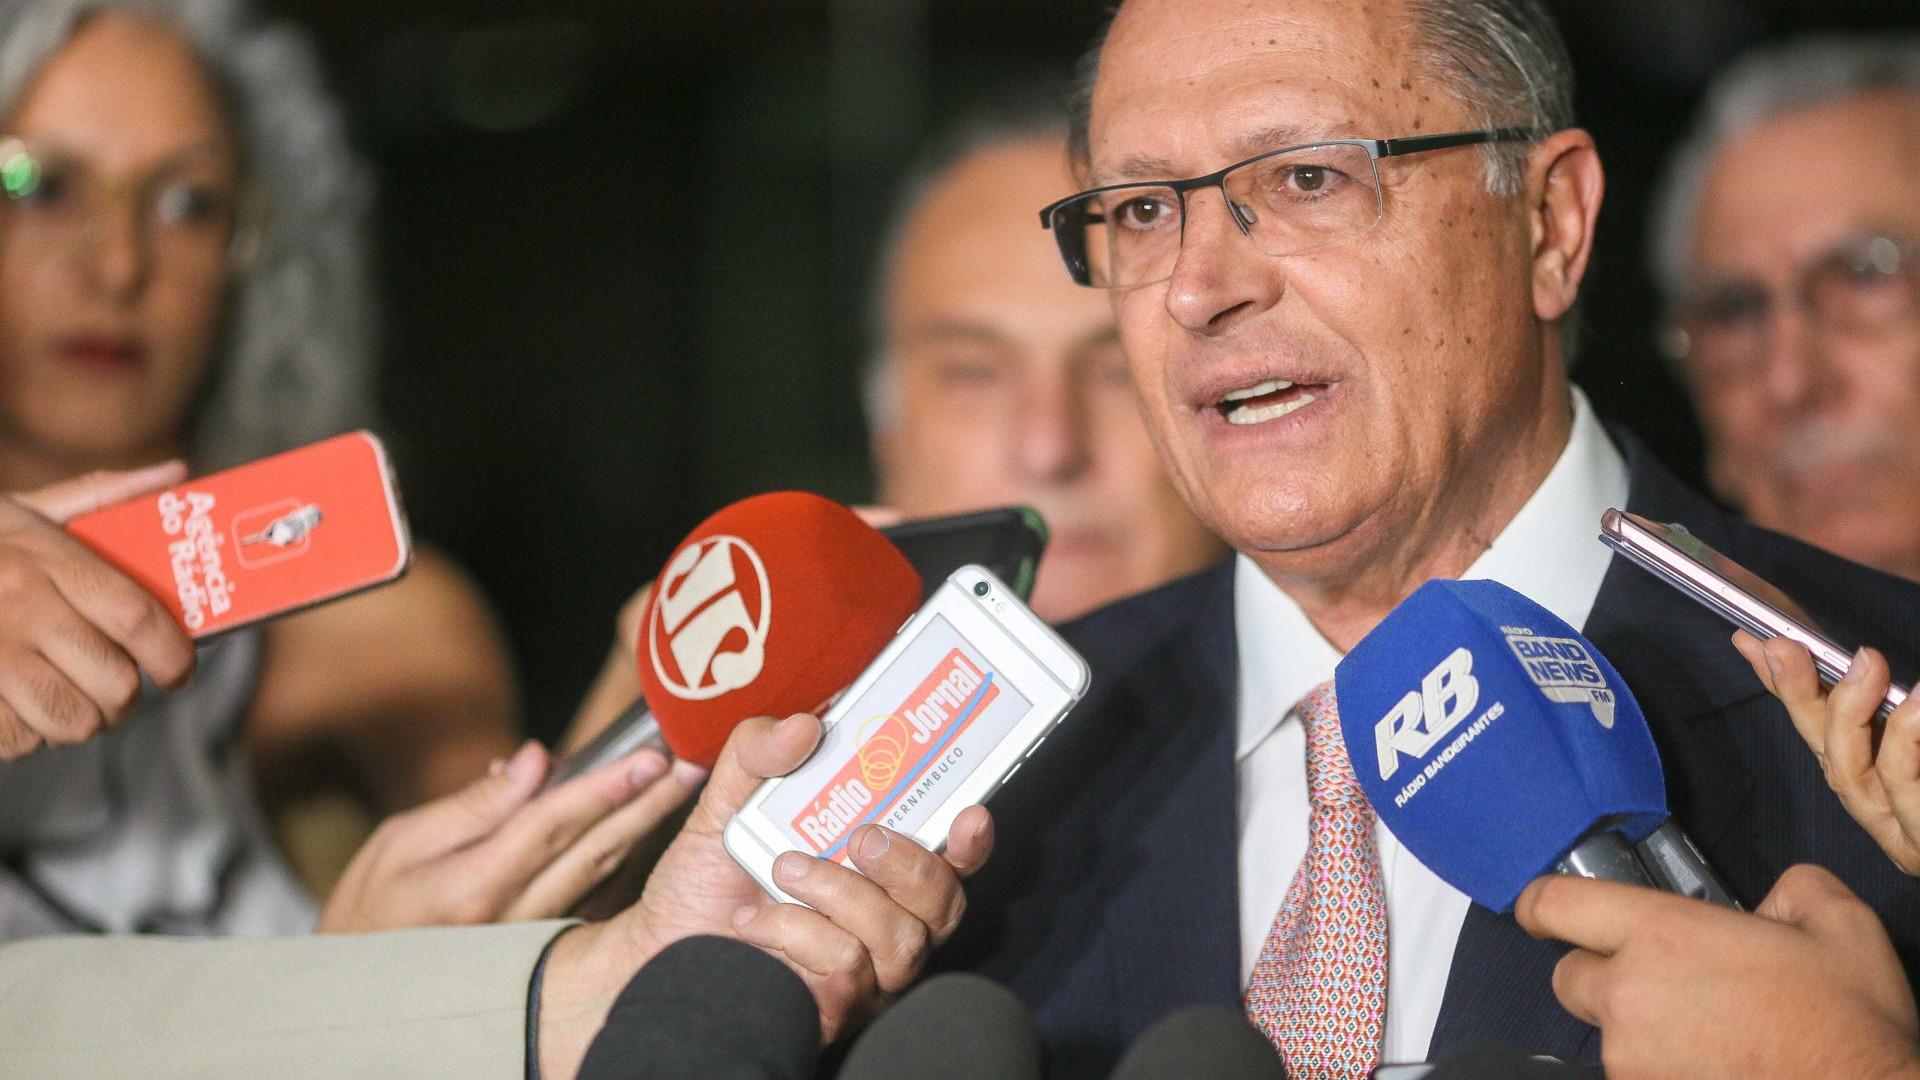 Alckmin lança pré-candidatura pelas redes sociais